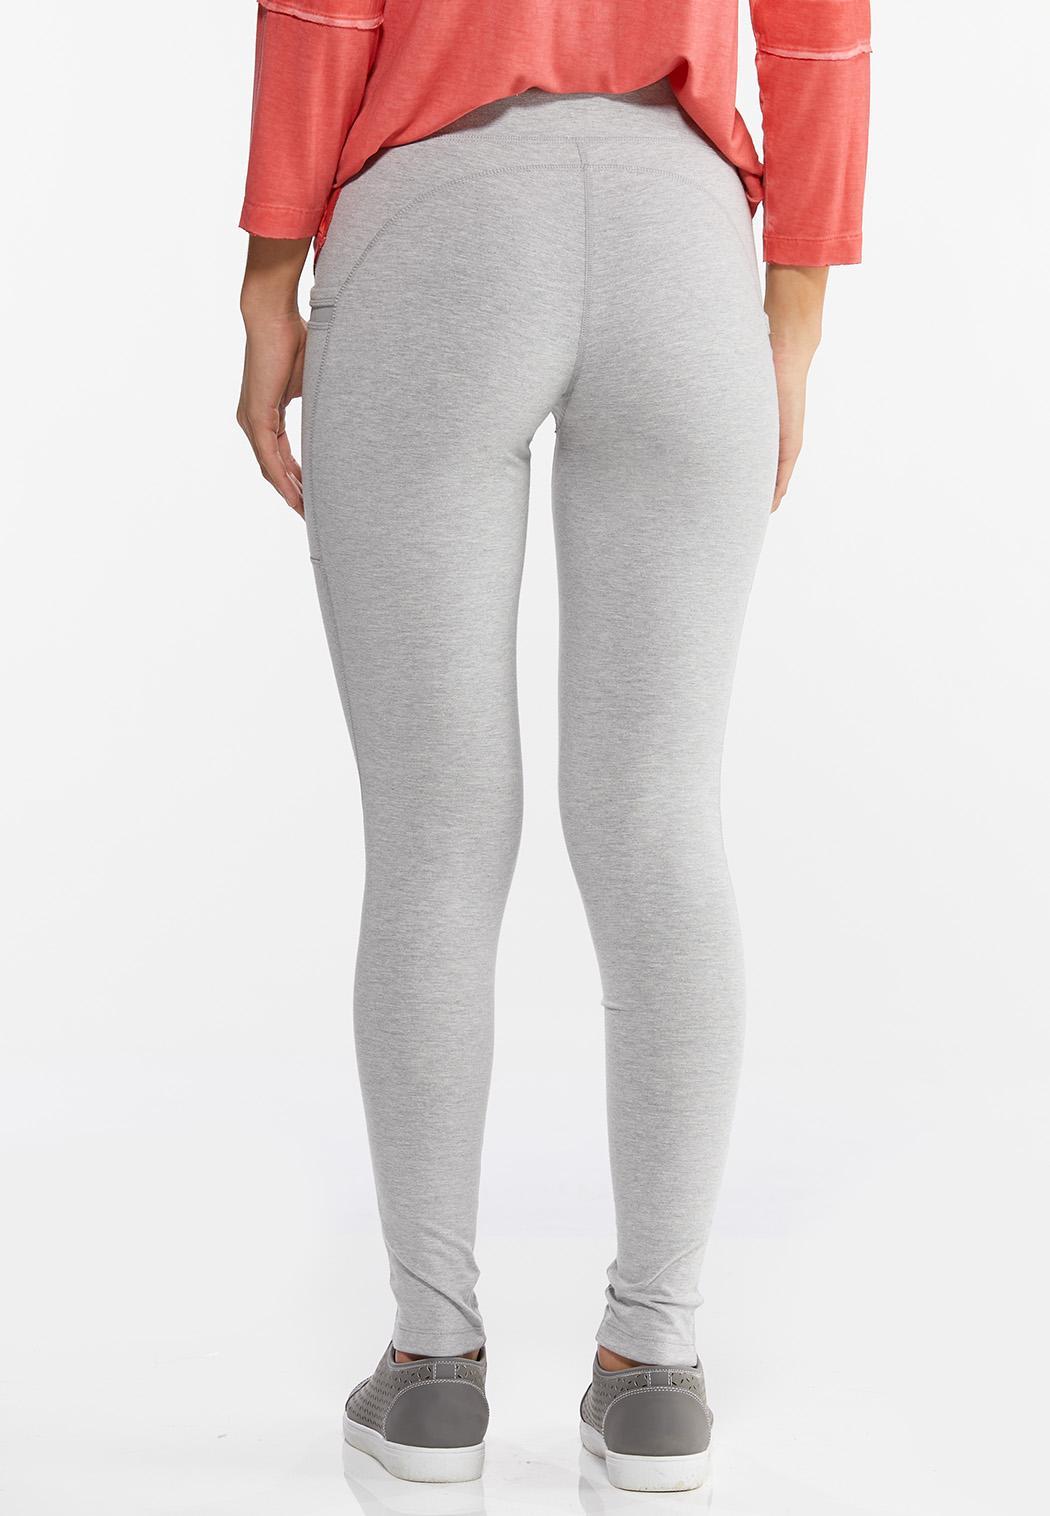 Gray Two Pocket Leggings (Item #44456135)